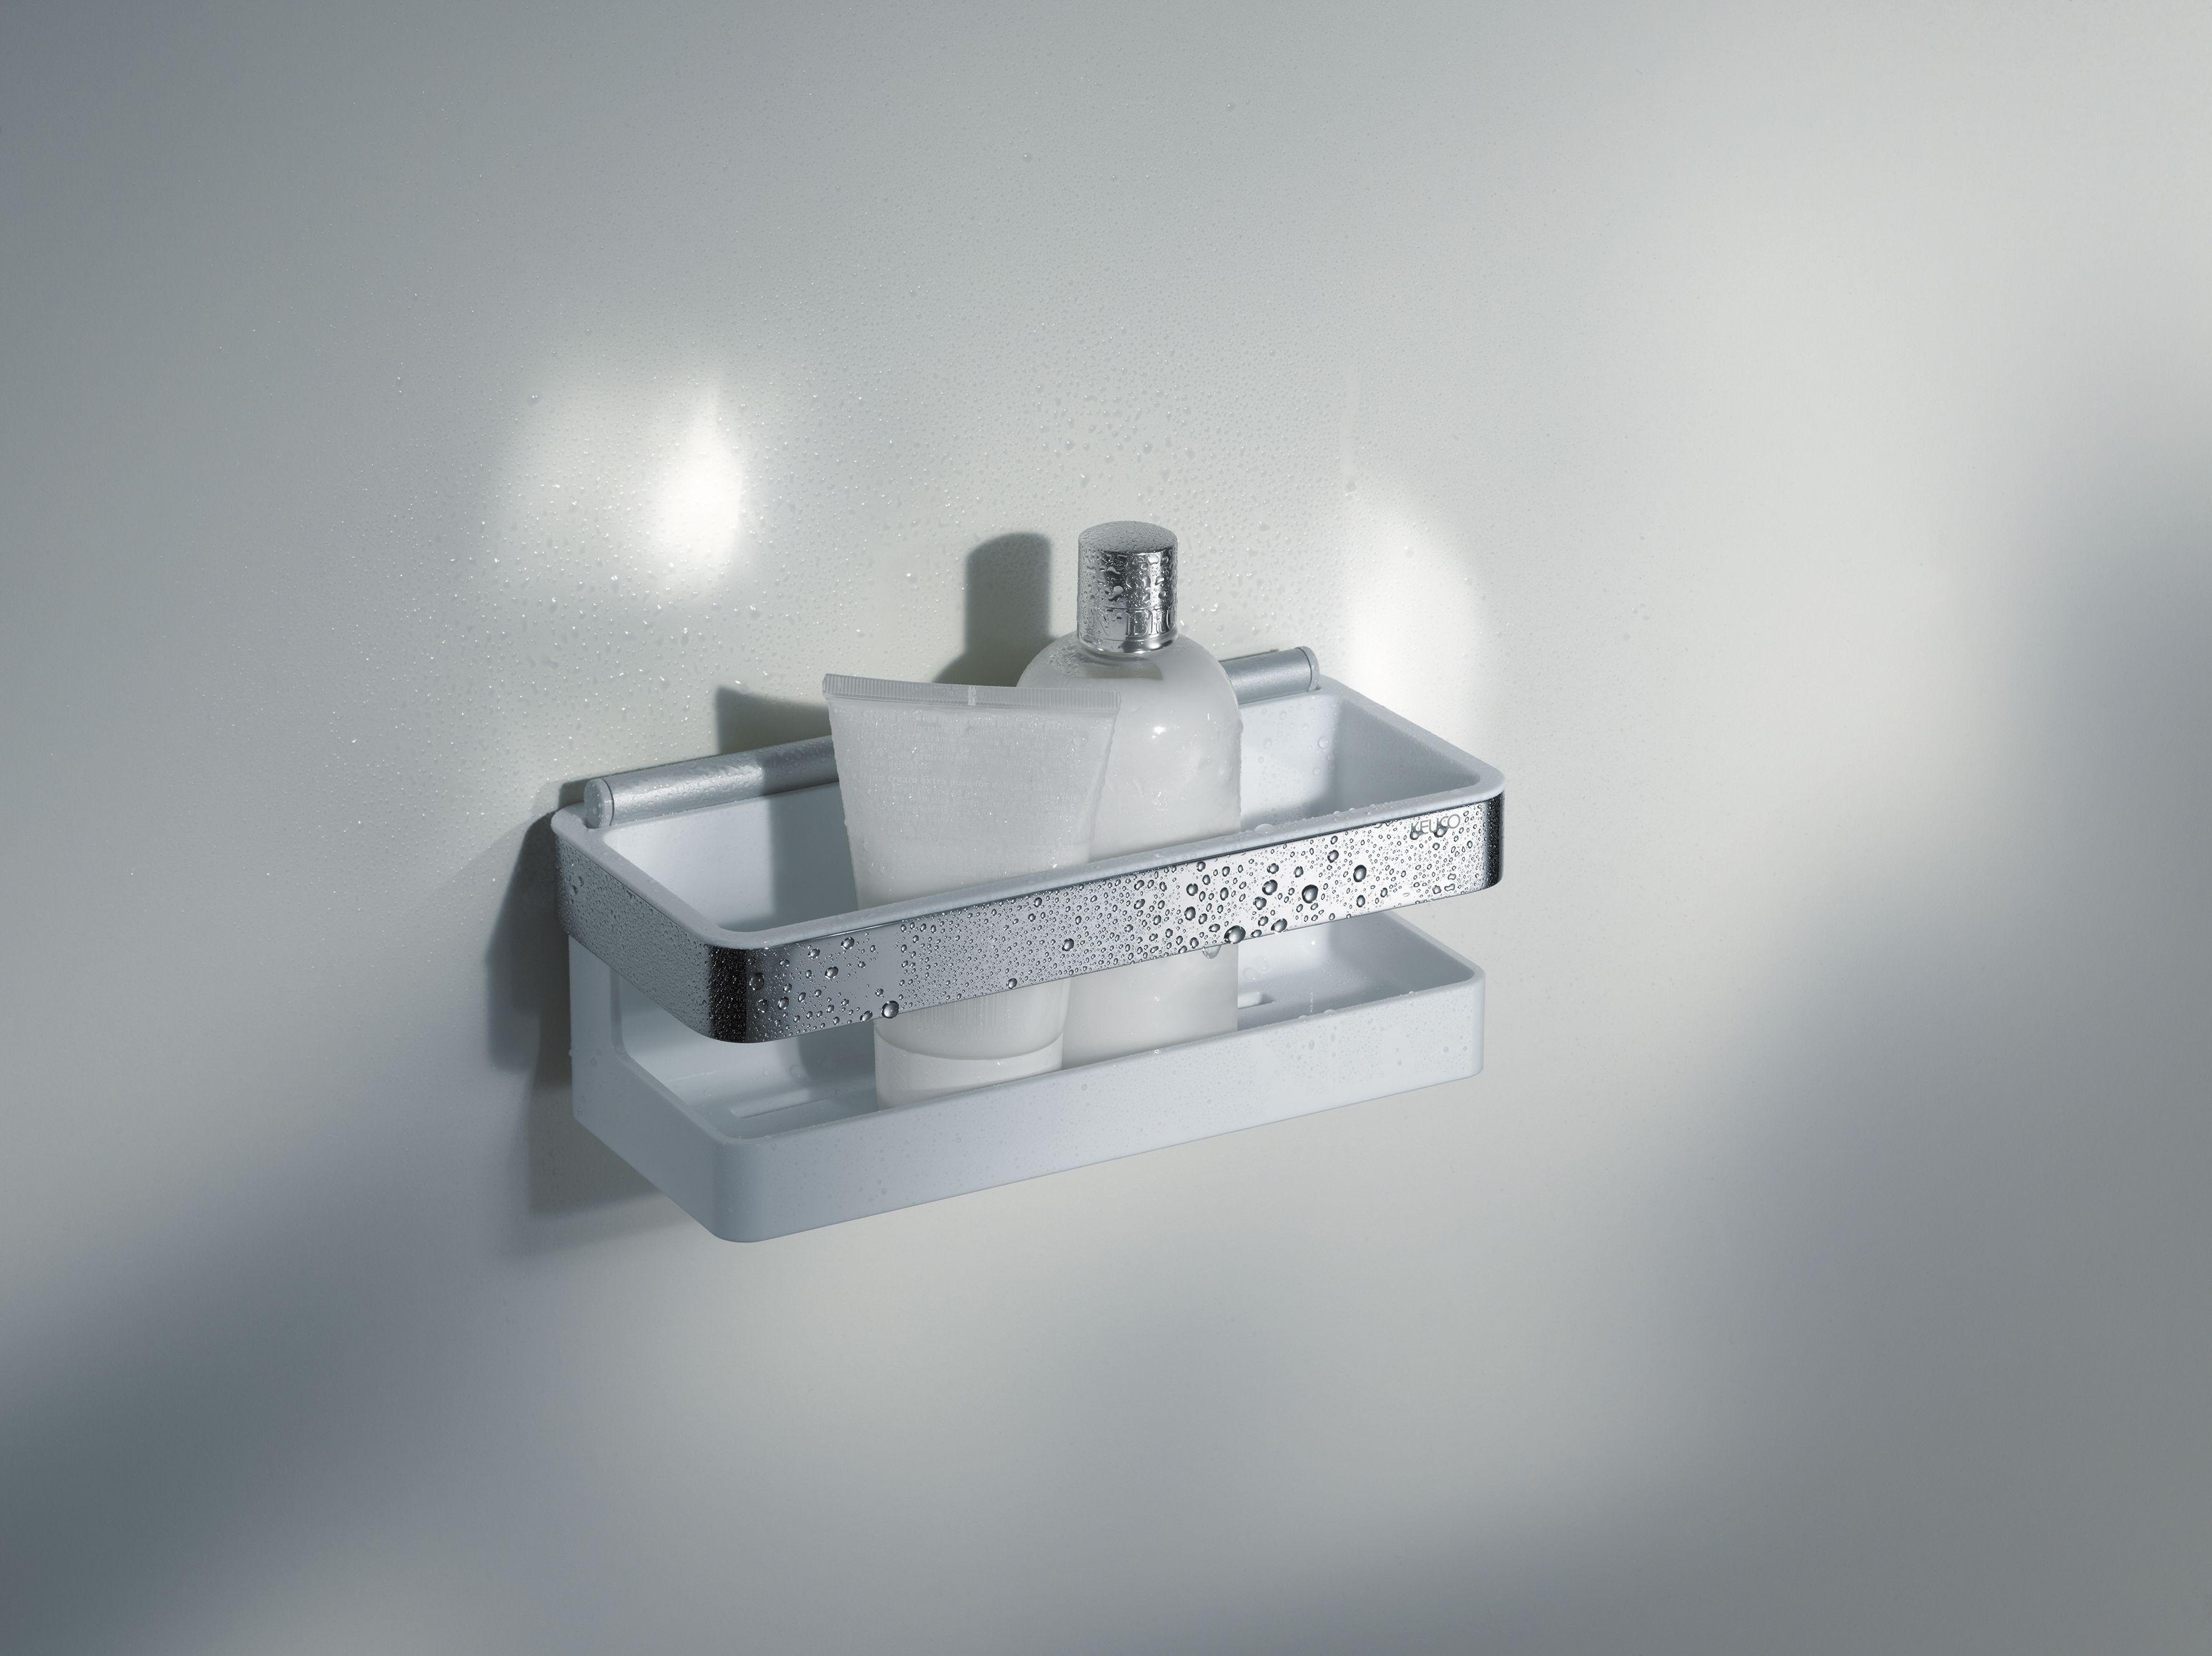 Keuco Collection Moll Bathroomfurniture Architecture Design Glasreiniger Spiegelschrank Waschtisch